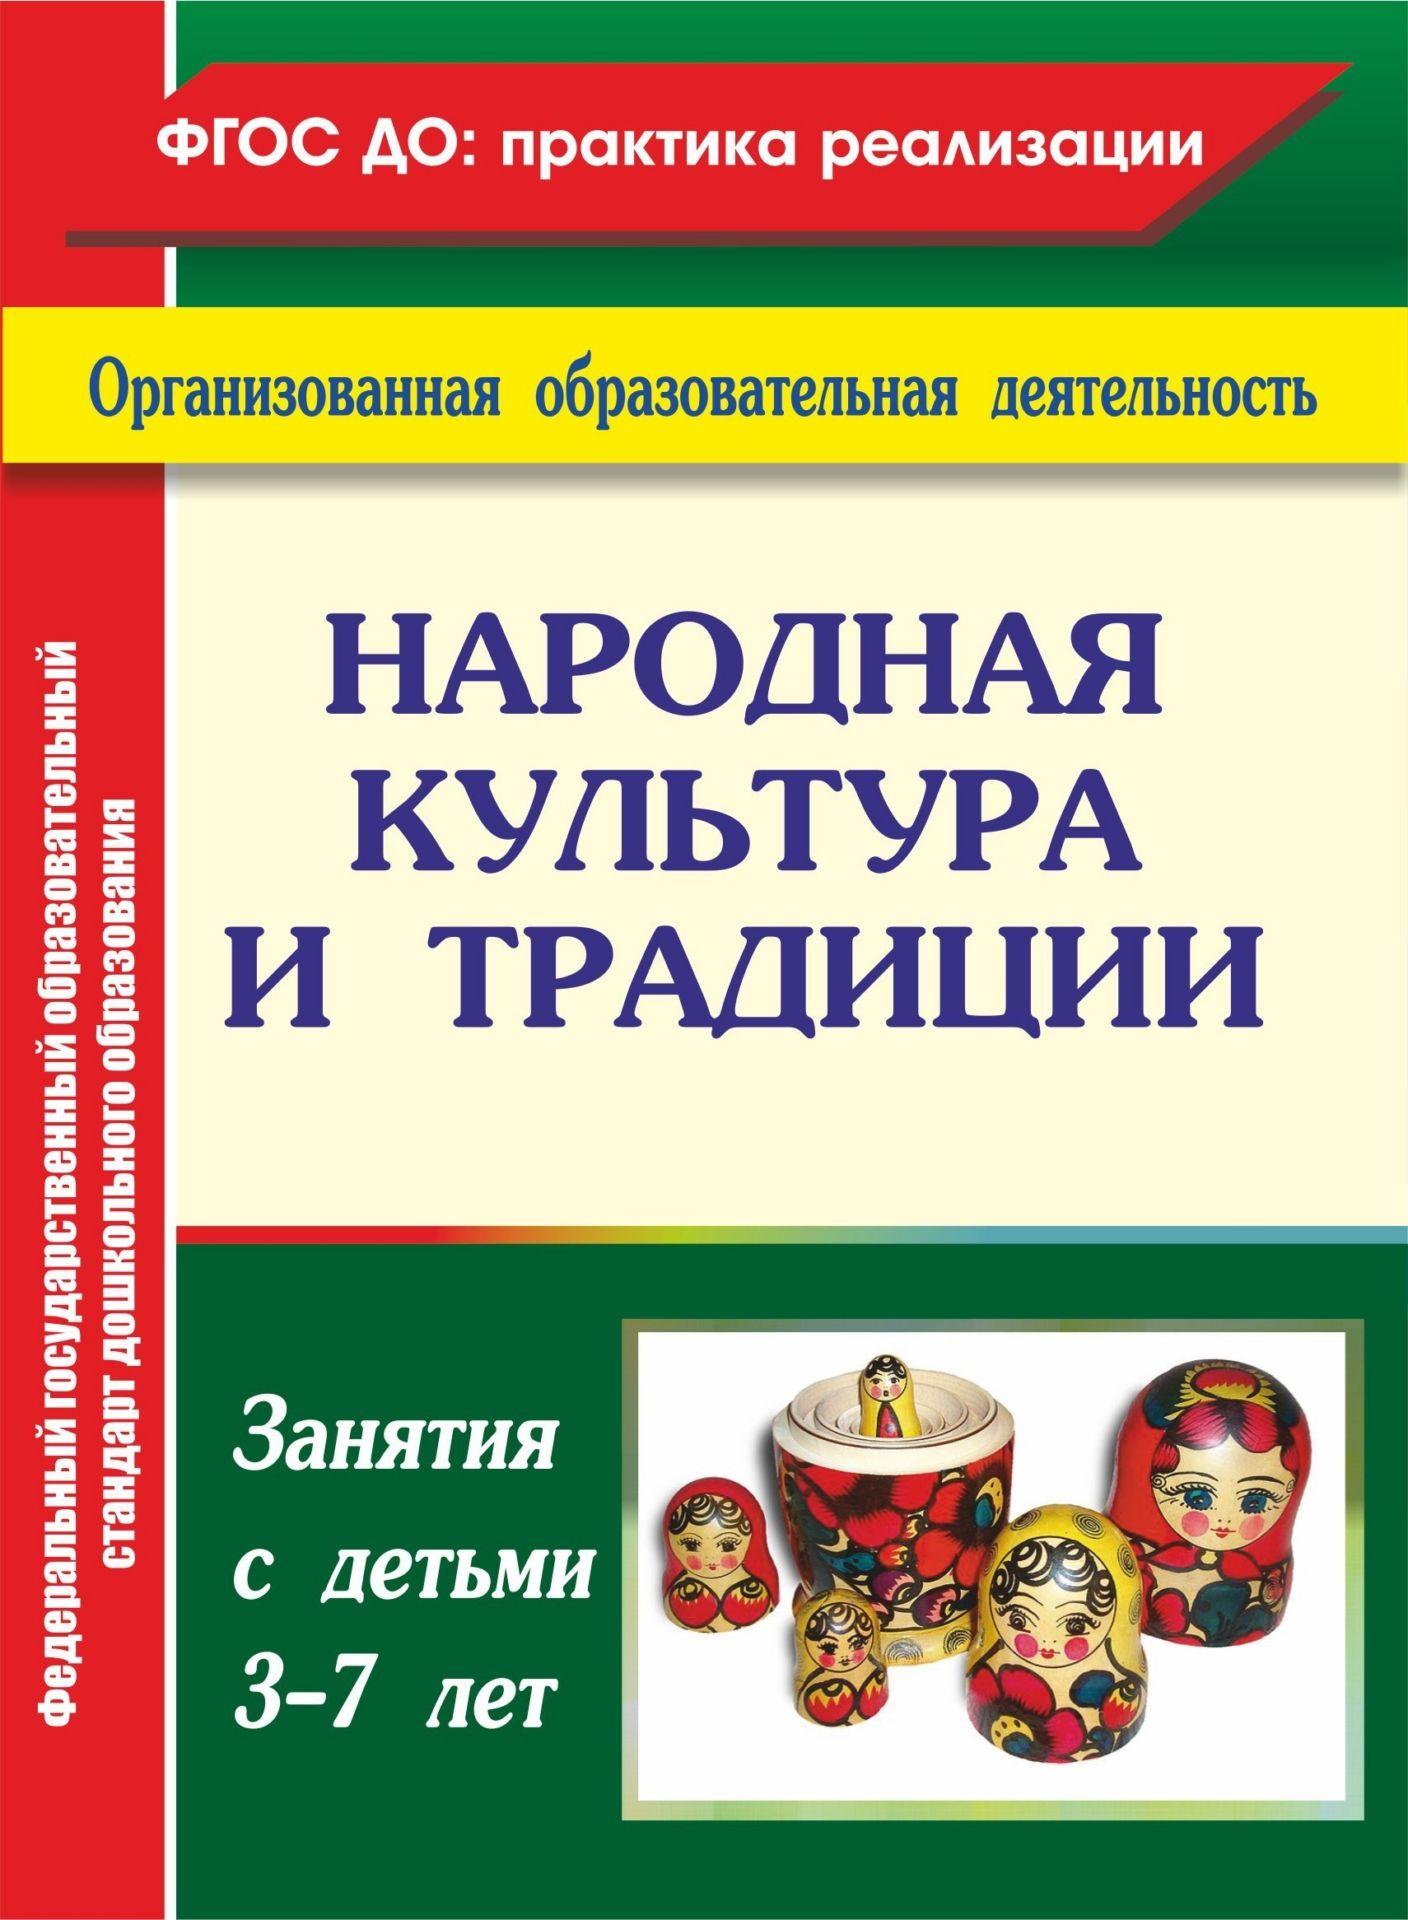 Купить со скидкой Народная культура и традиции: занятия с детьми 3-7 лет